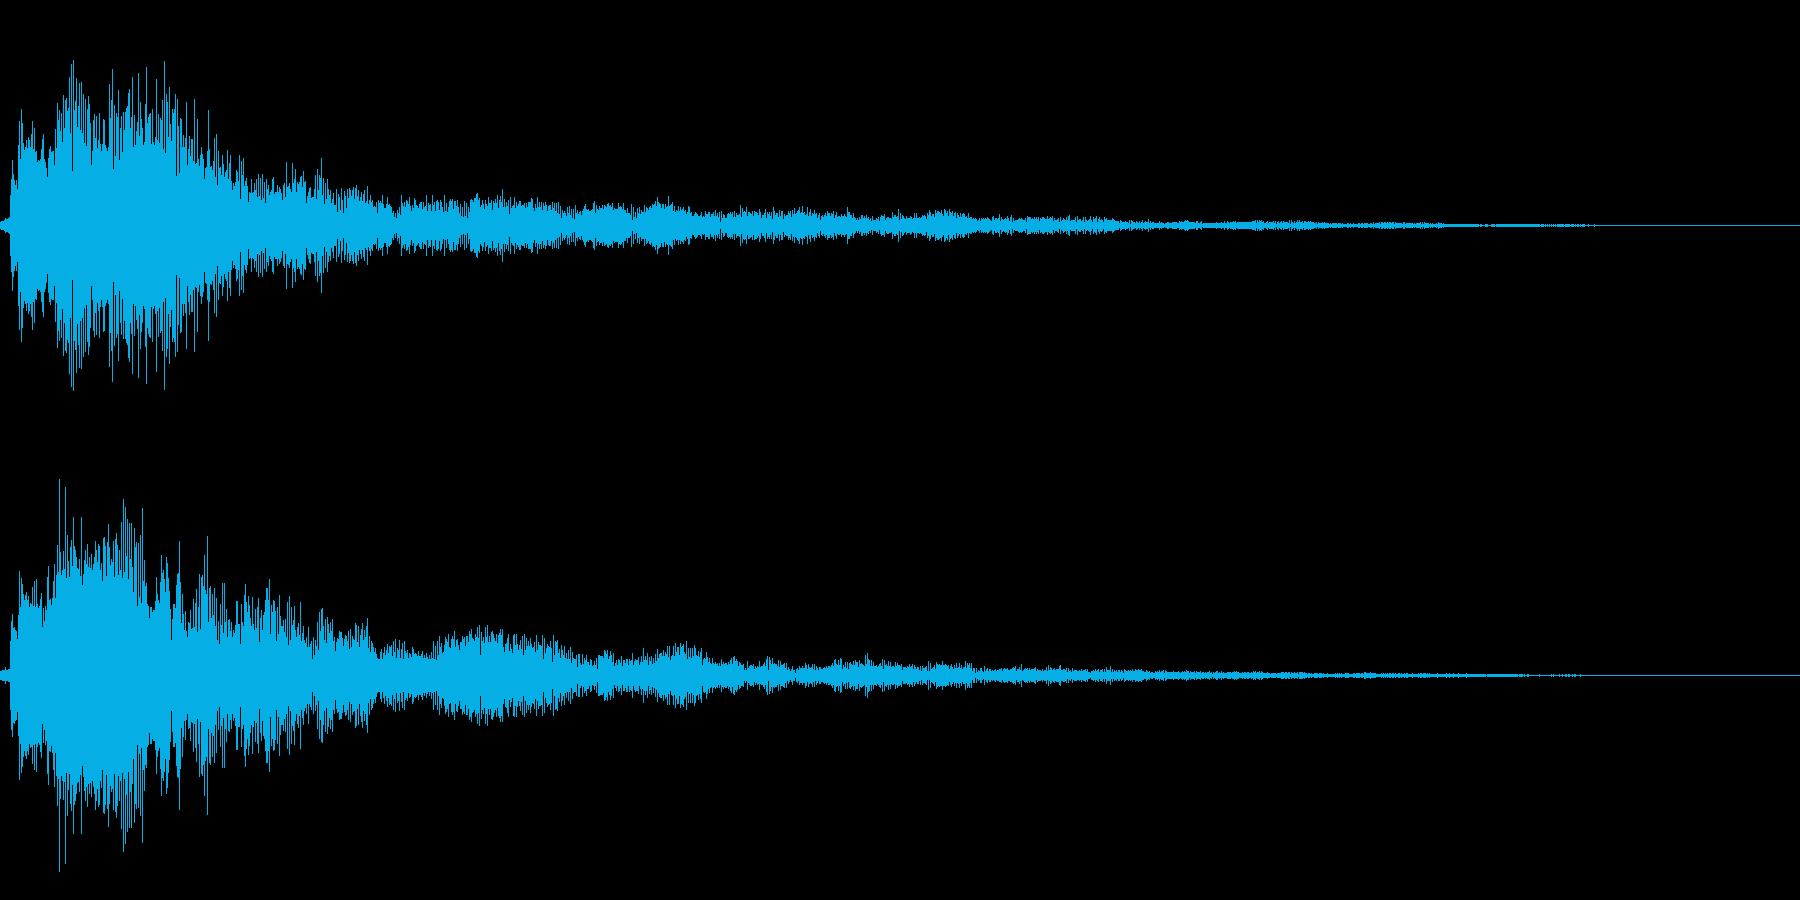 シンプルな決定/ボタン/クリック音34bの再生済みの波形